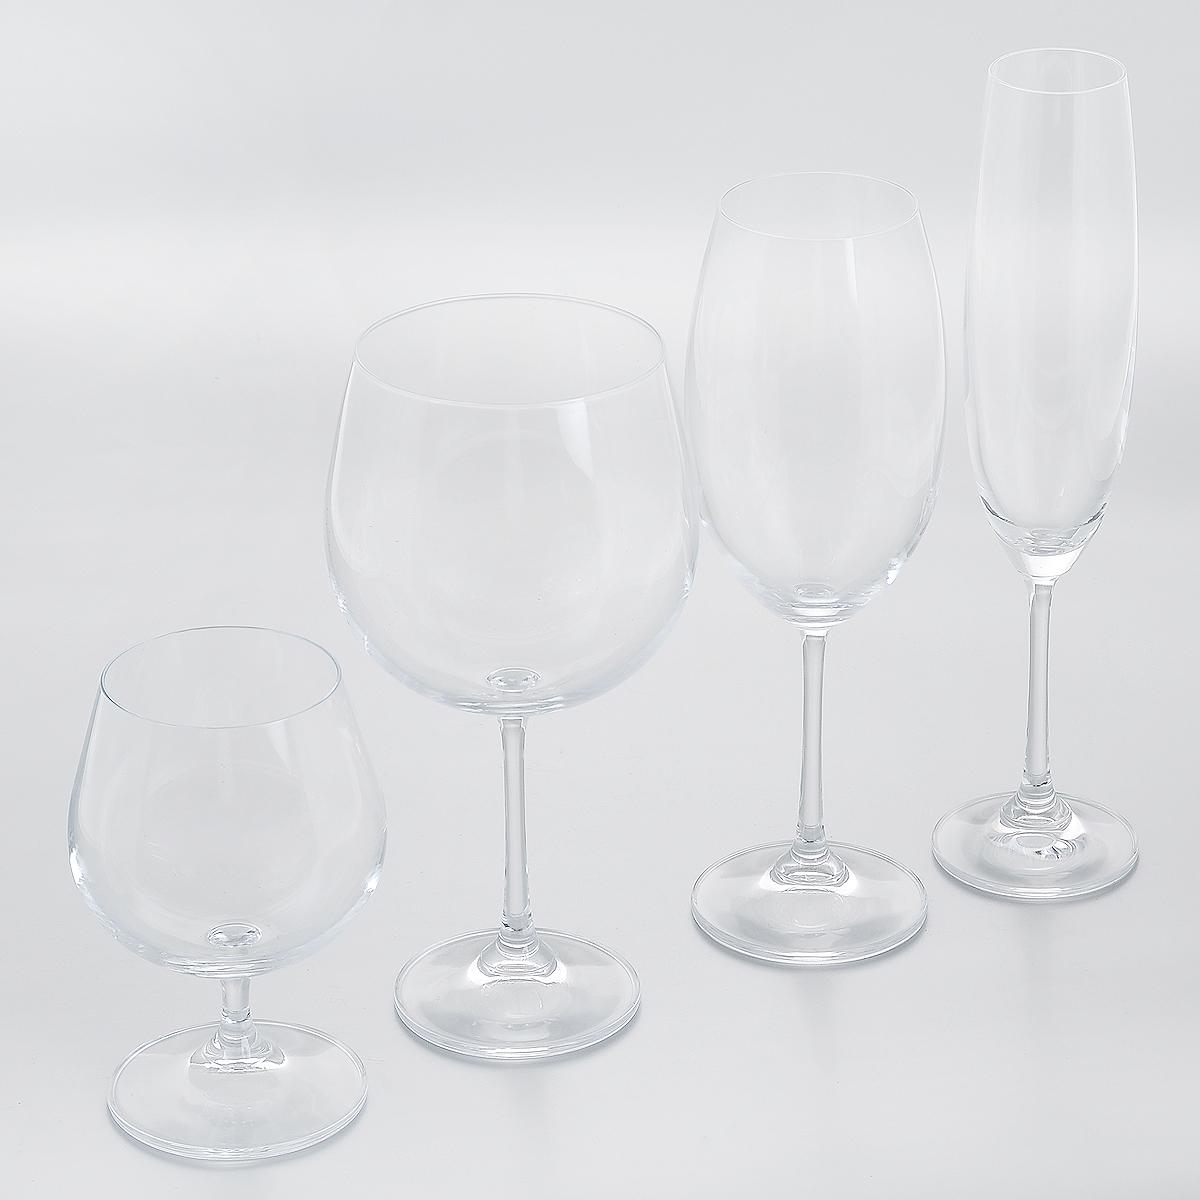 Дегустационный набор Crystalite Bohemia, 4 предмета99999/9/00000/148Набор Crystalite Bohemia состоит из четырех бокалов, выполненных извысококачественного выдувного прозрачного стекла, и предназначен для дегустации напитков. Бокалы можно использовать для дегустации белого вина, красного вина, шампанского и бренди. Они излучают приятный блеск и издают мелодичный звон. Бокалы сочетают в себе элегантный дизайн и функциональность. Благодаря такому набору пить напитки будет еще вкуснее.Набор бокалов Crystalite Bohemia станет хорошим подарком к любому случаю. Не использовать в посудомоечной машине и микроволновой печи.